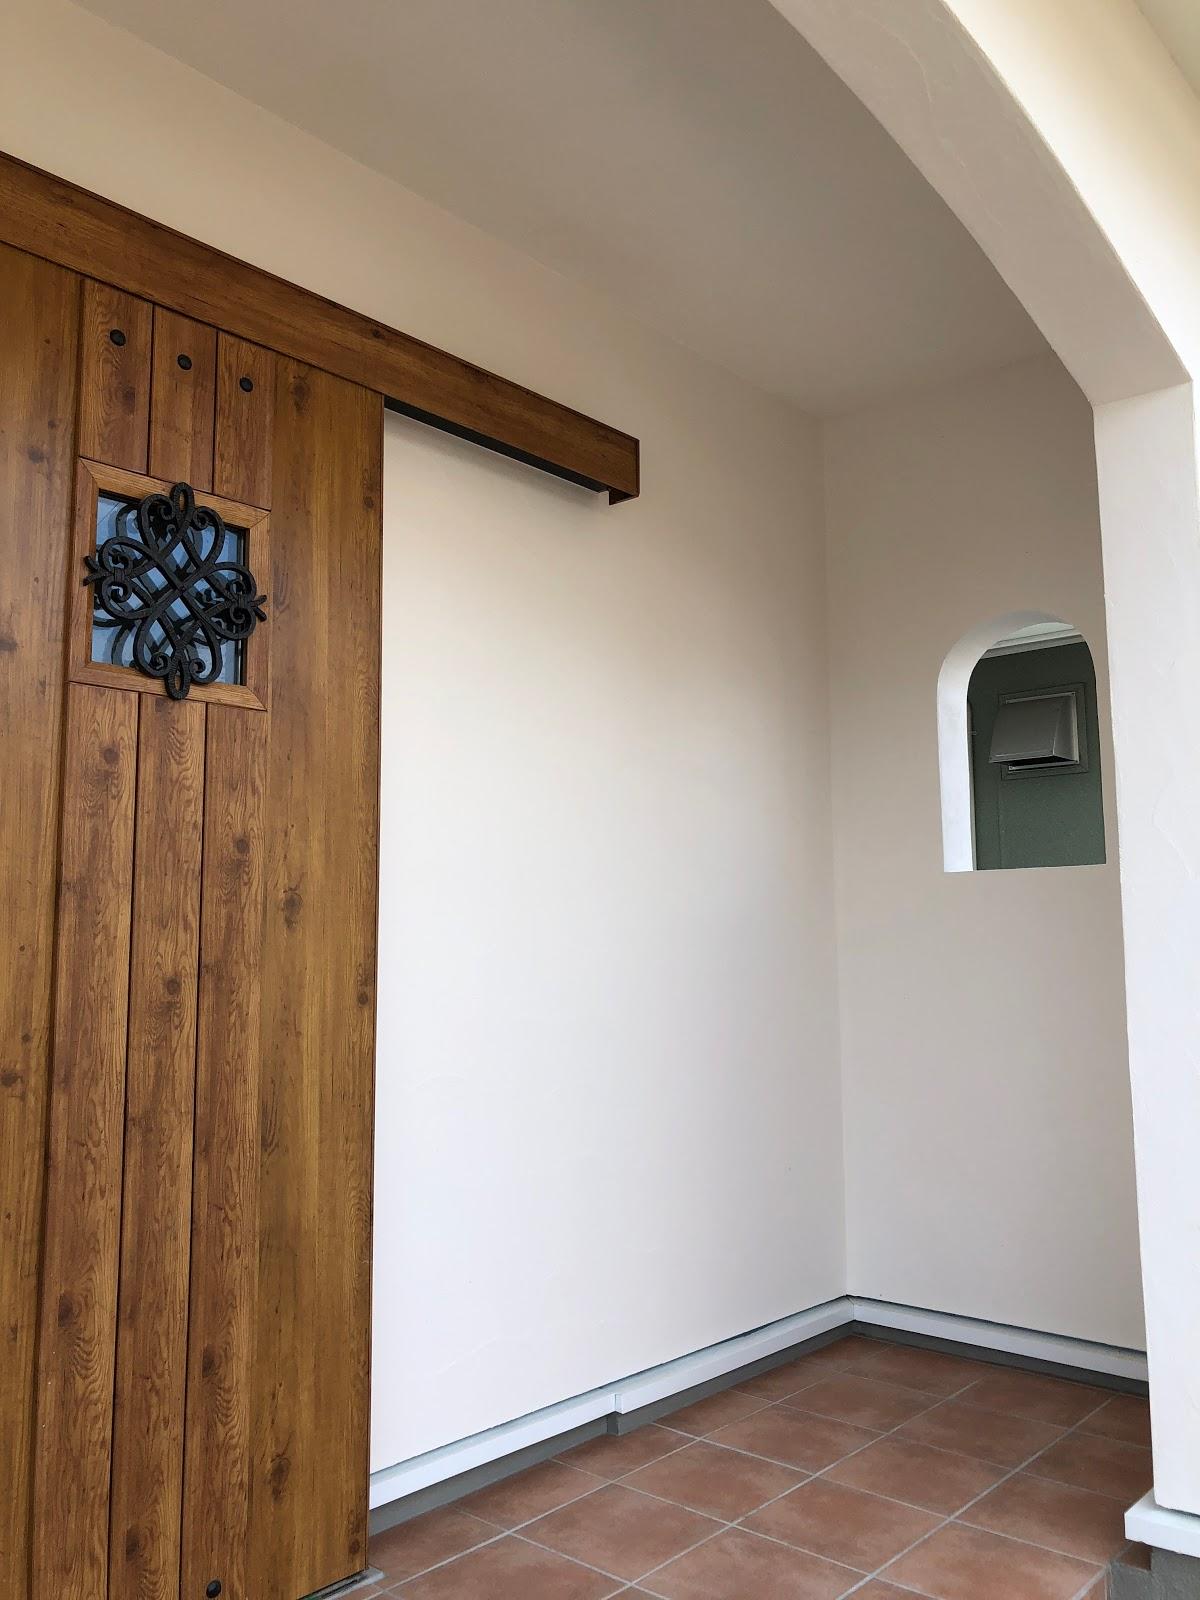 木の家 平屋の家完成見学会 鈴鹿市みのや 工務店